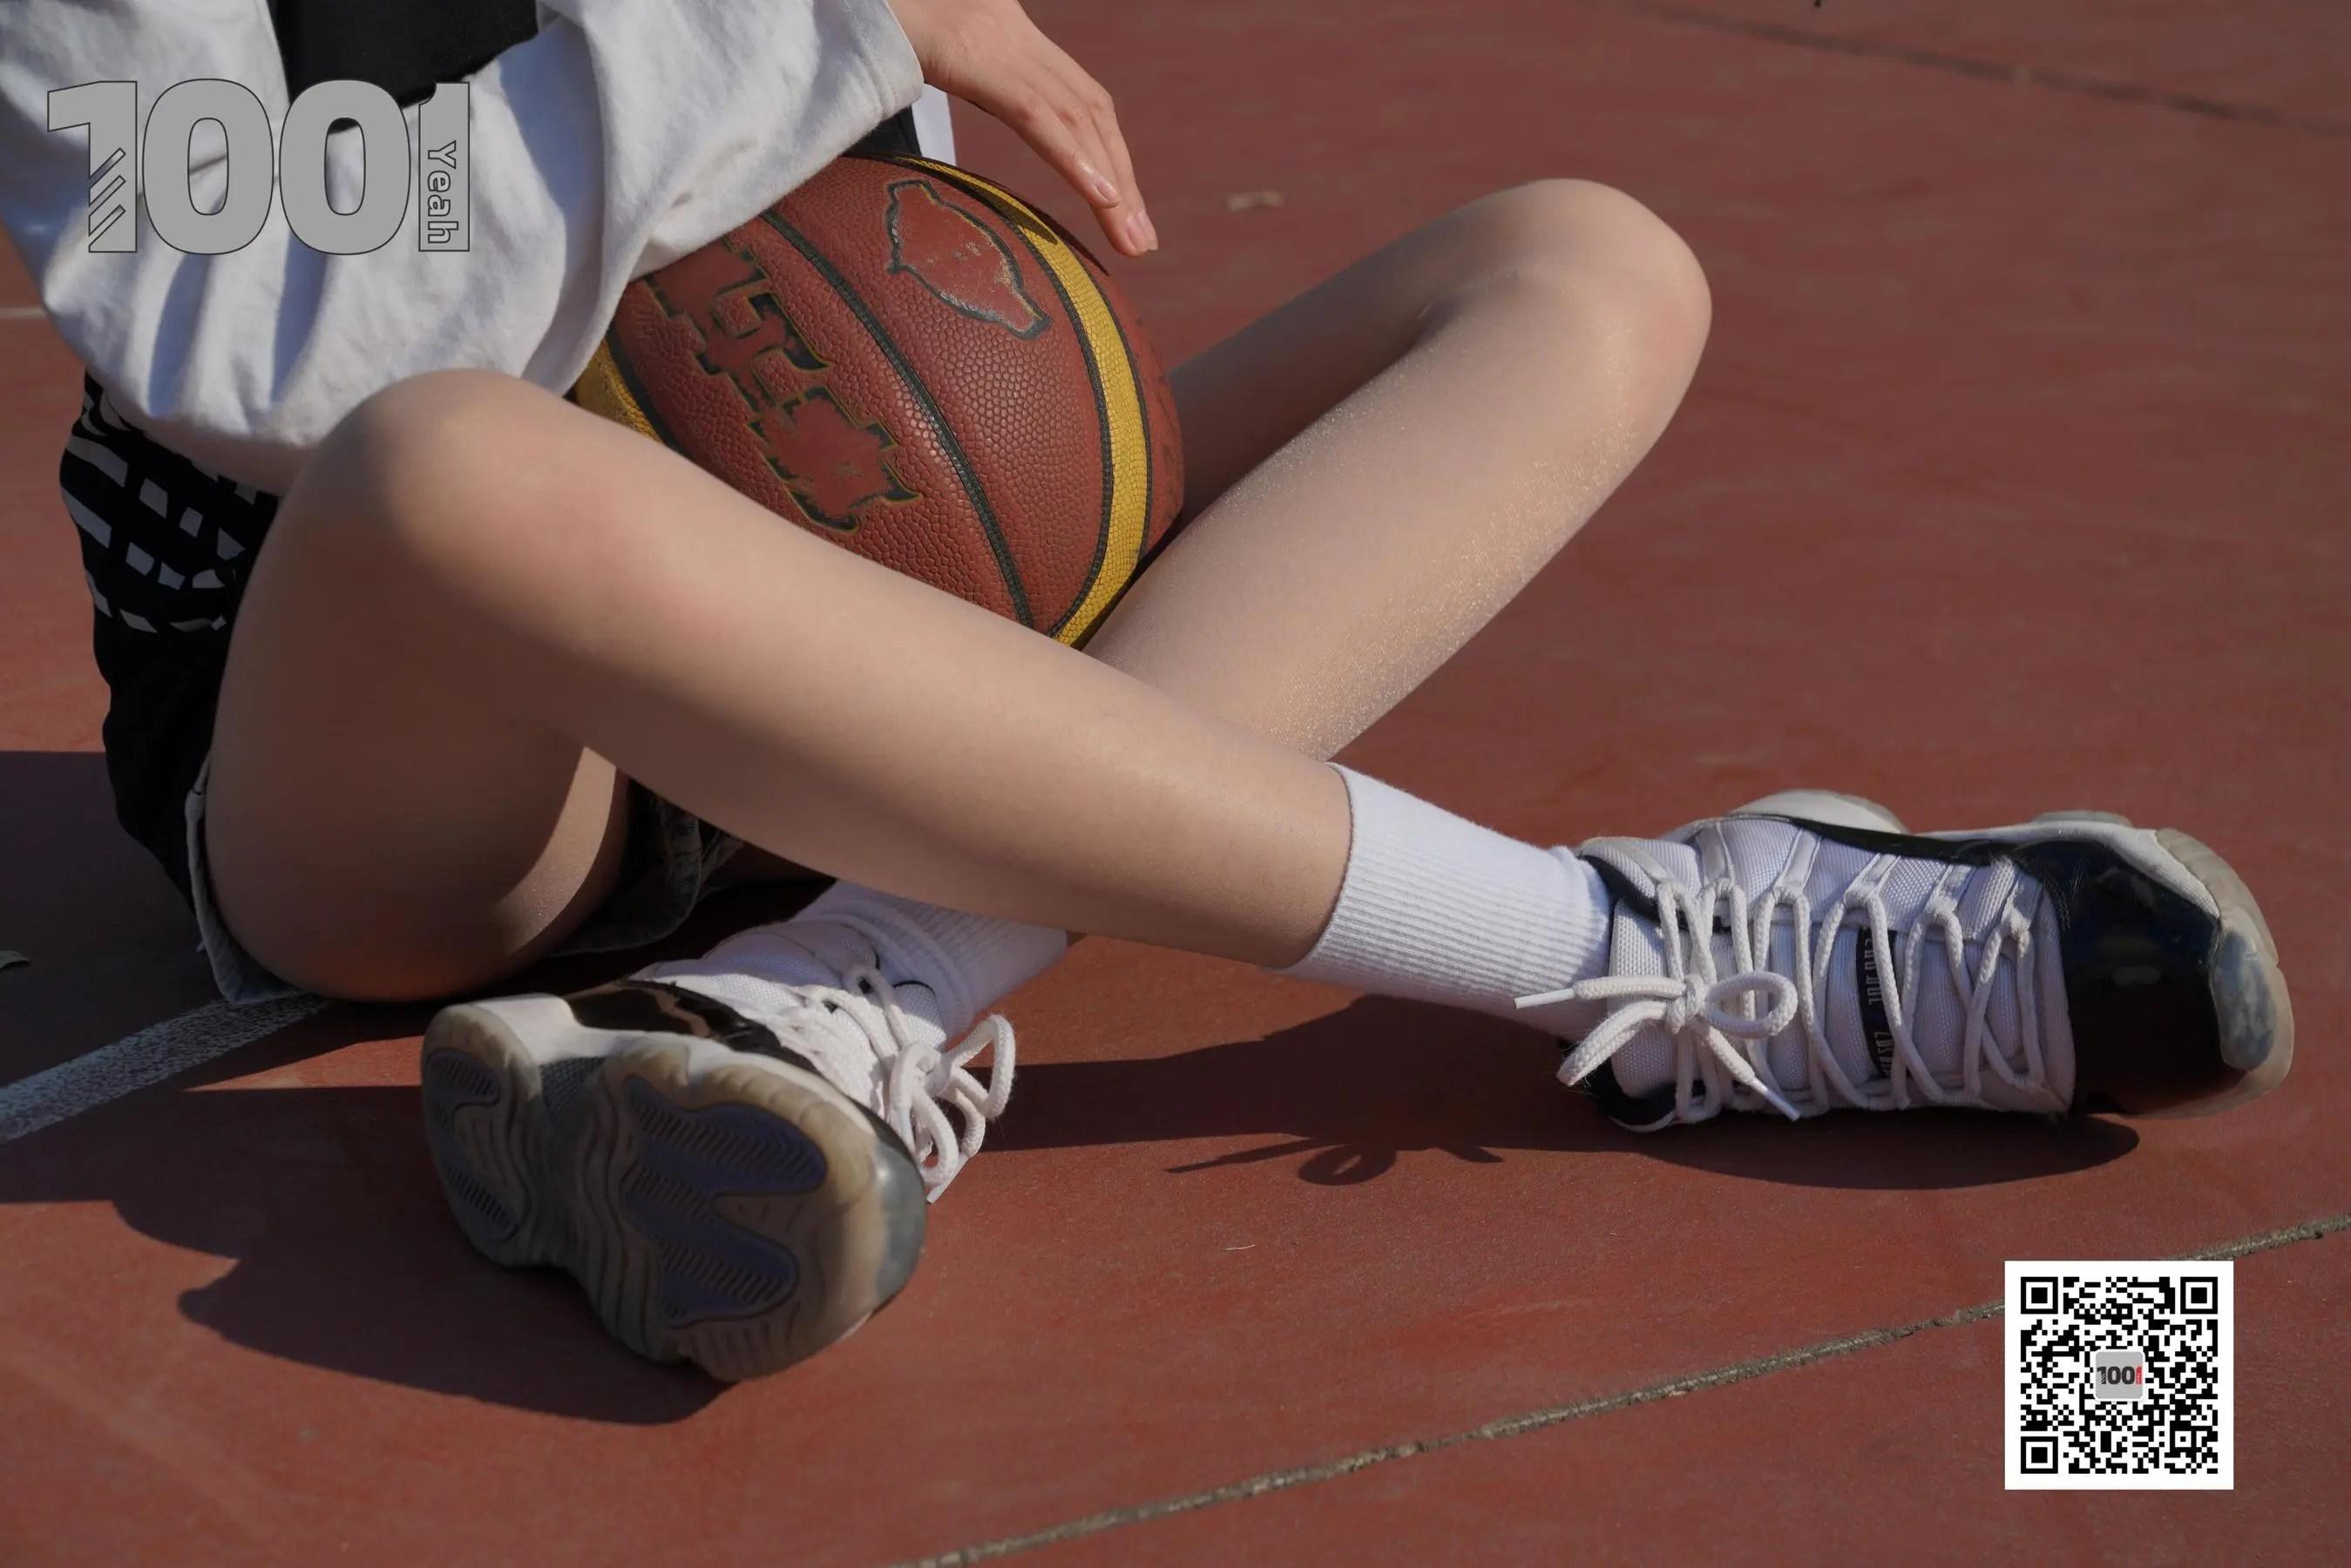 图片[1] - [IESS一千零一夜] 模特草莓《陪女朋友打篮球2》 丝袜美腿写真集[90P] - 唯独你没懂